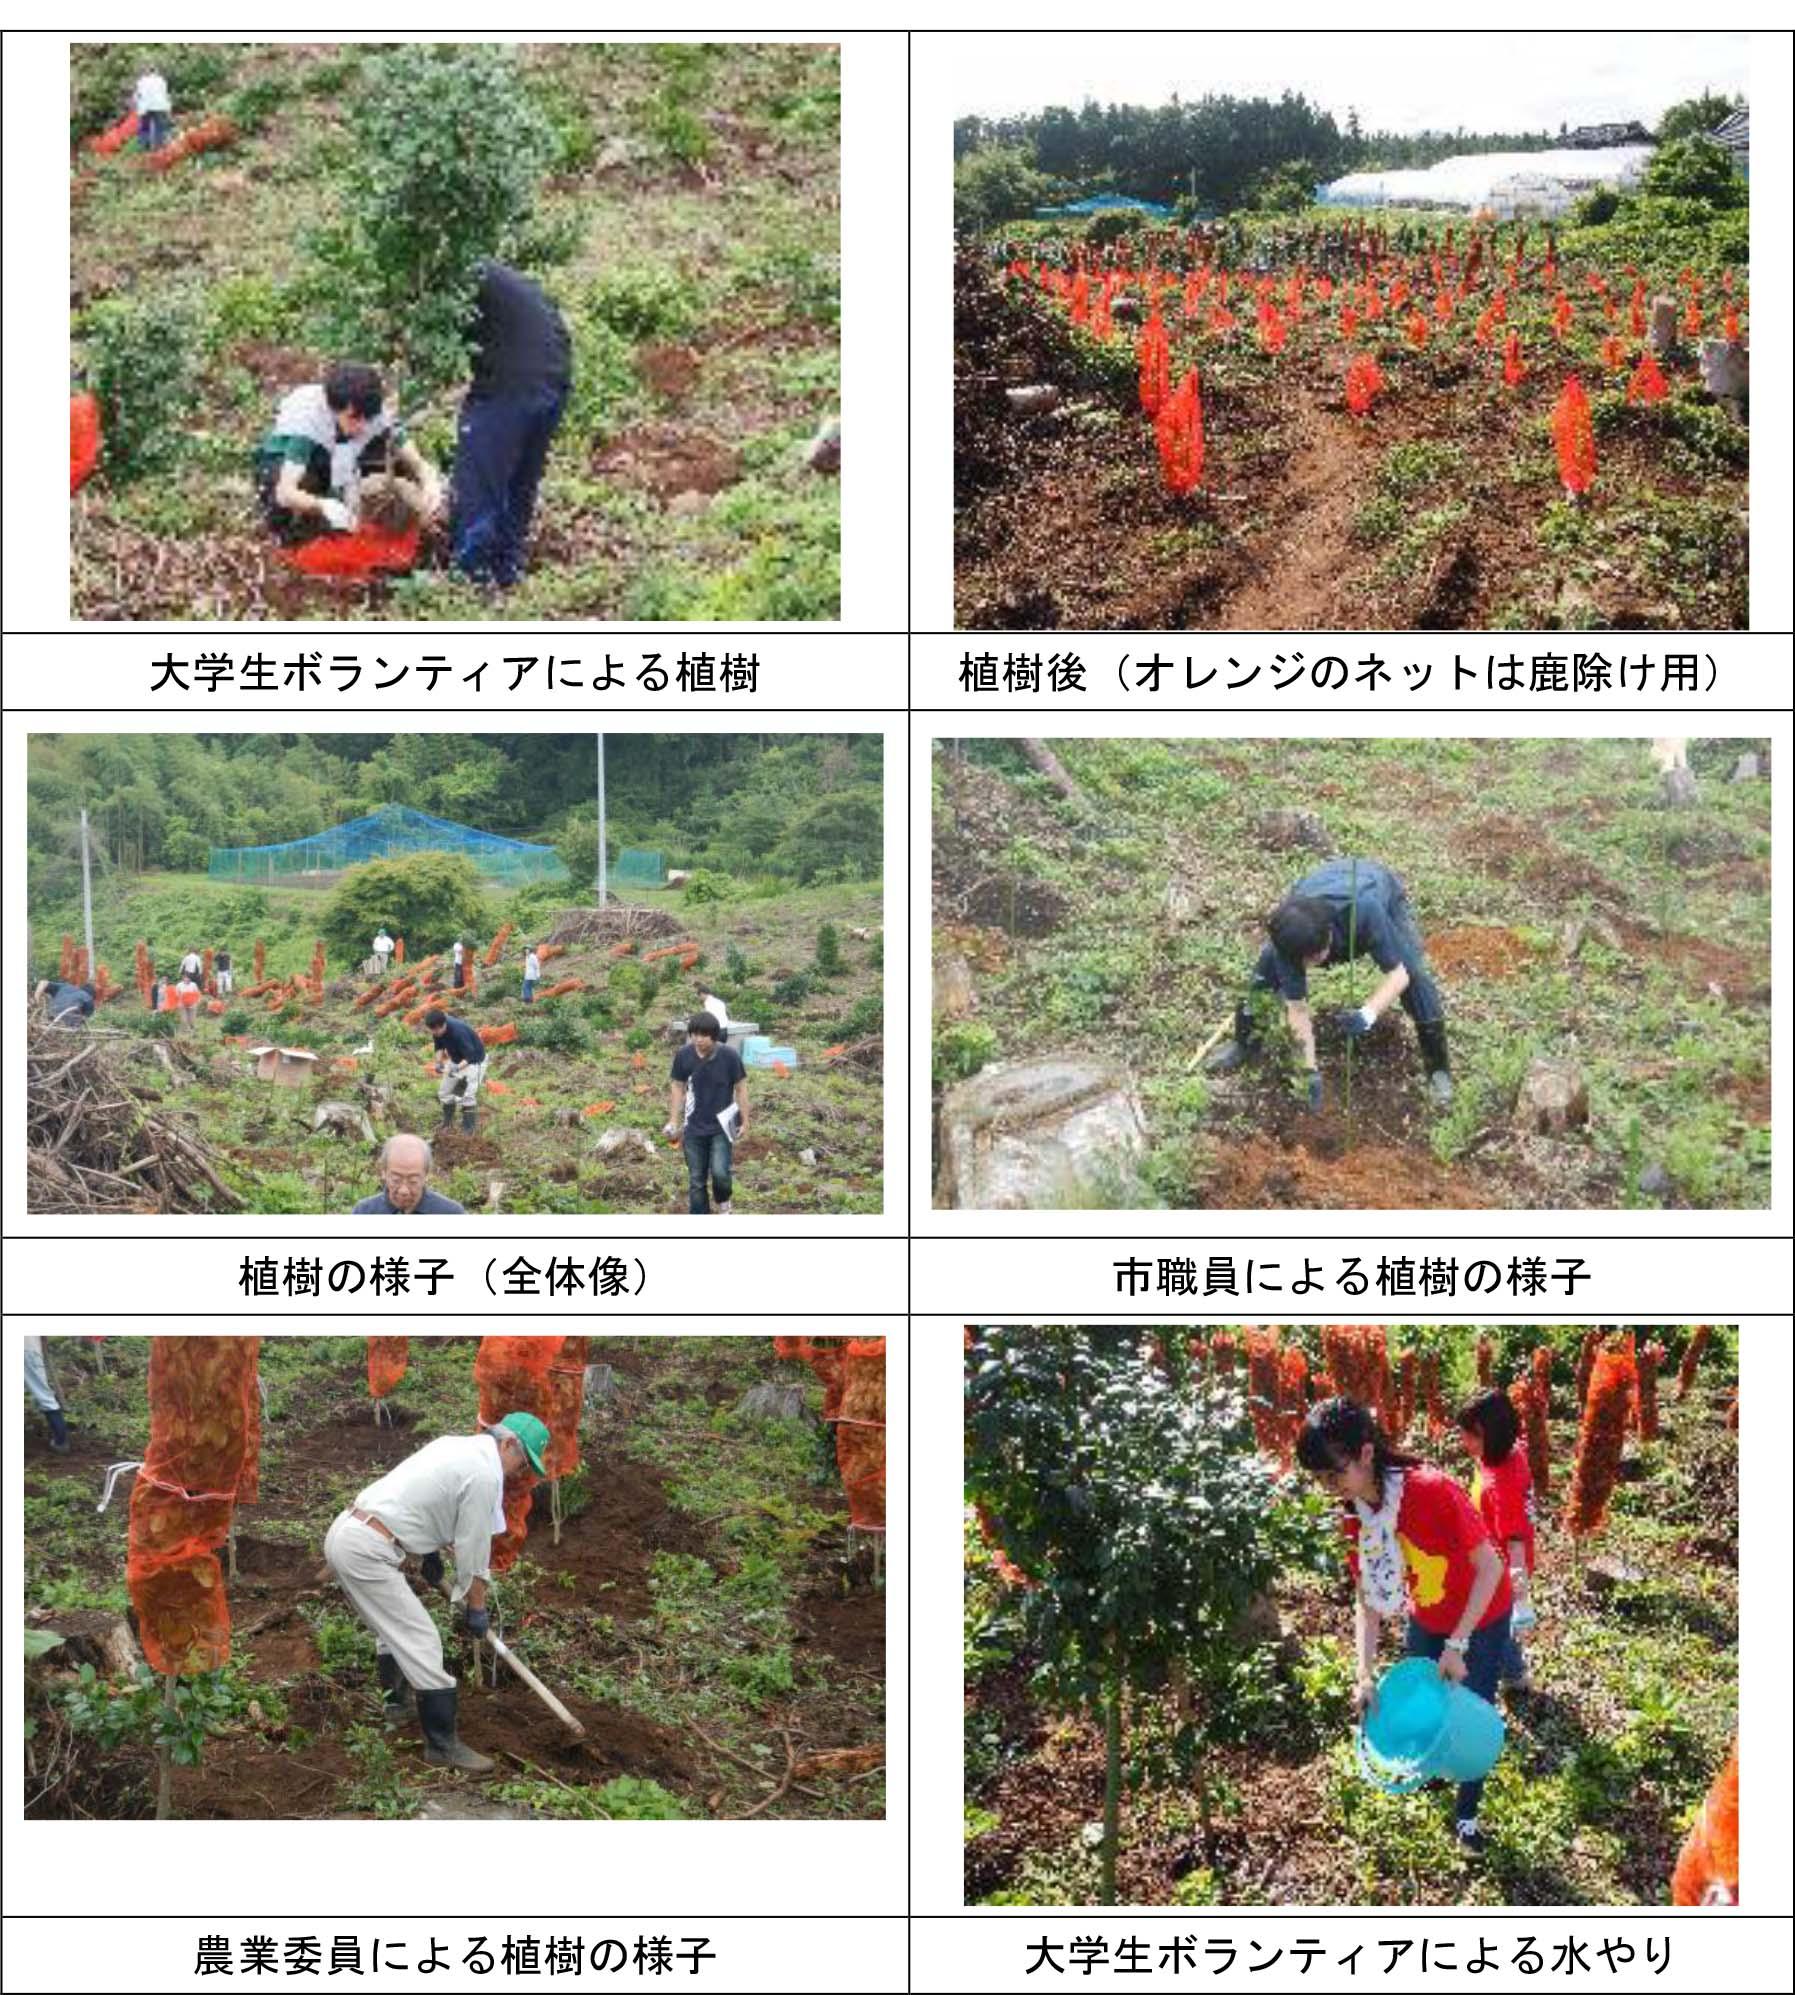 大船渡市農業委員会平成28年度農地の日植樹会写真